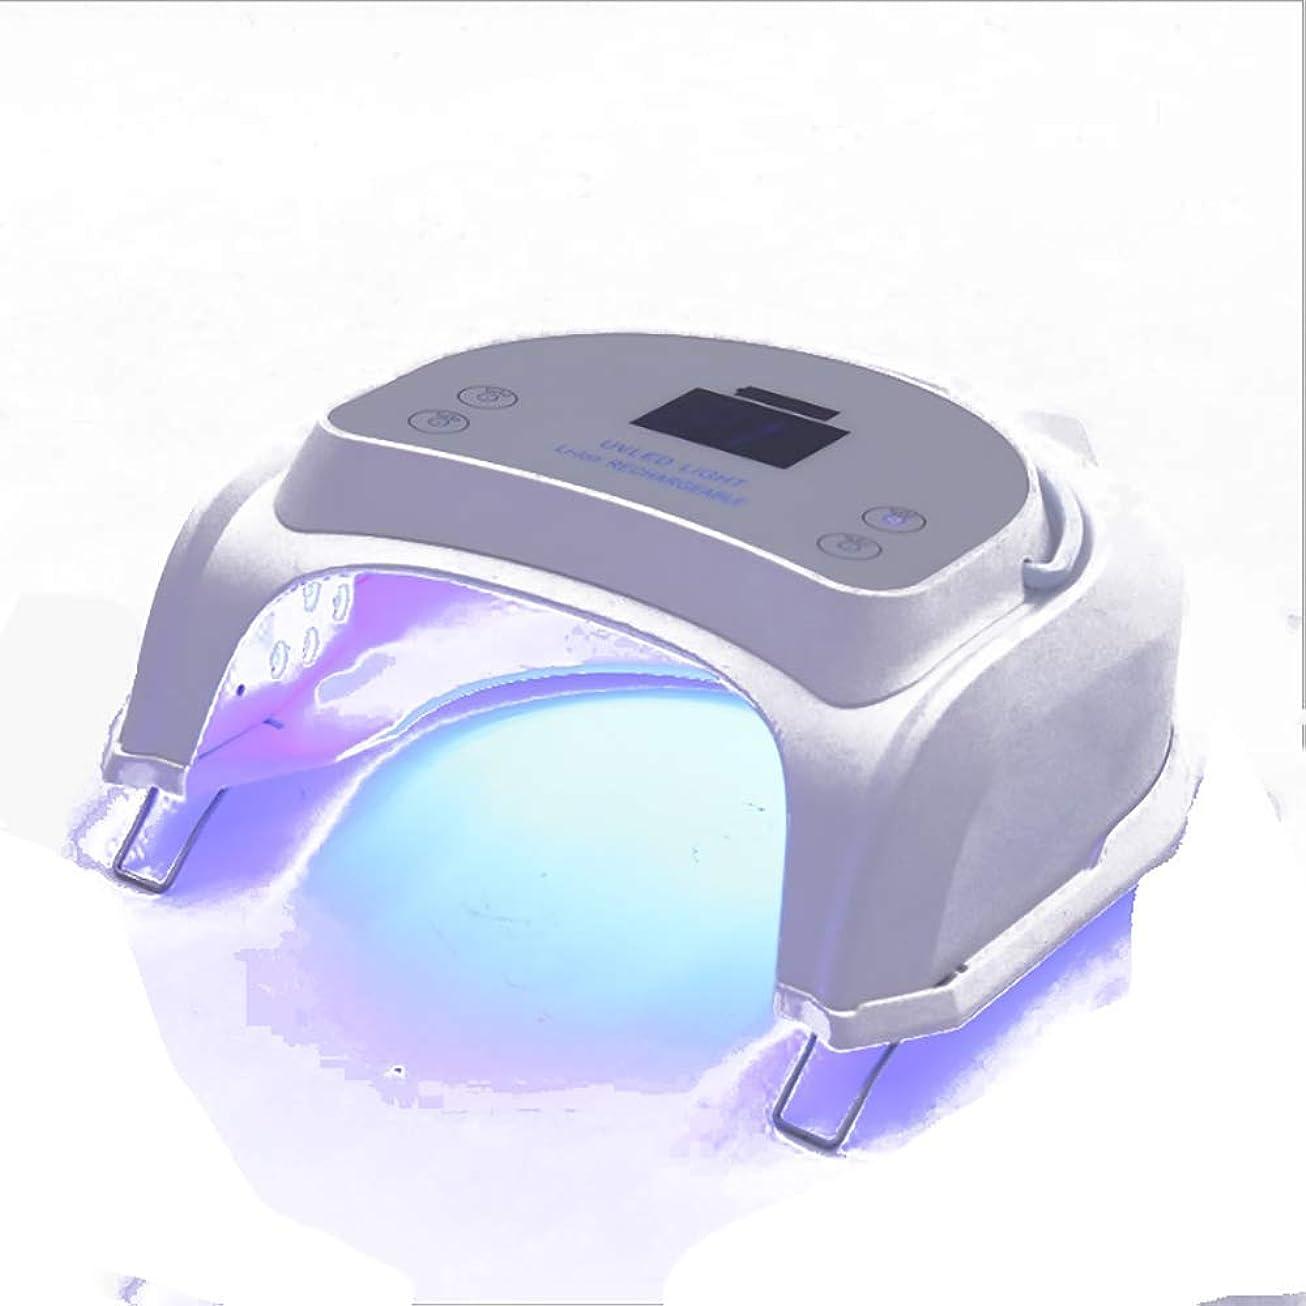 半球個人慈善UVネイルランプ、28個のUV LED 64Wハイパワーネイルランプジェルポリッシュスイッチアルミ合金ネイル光線療法機ネイルドライヤー充電